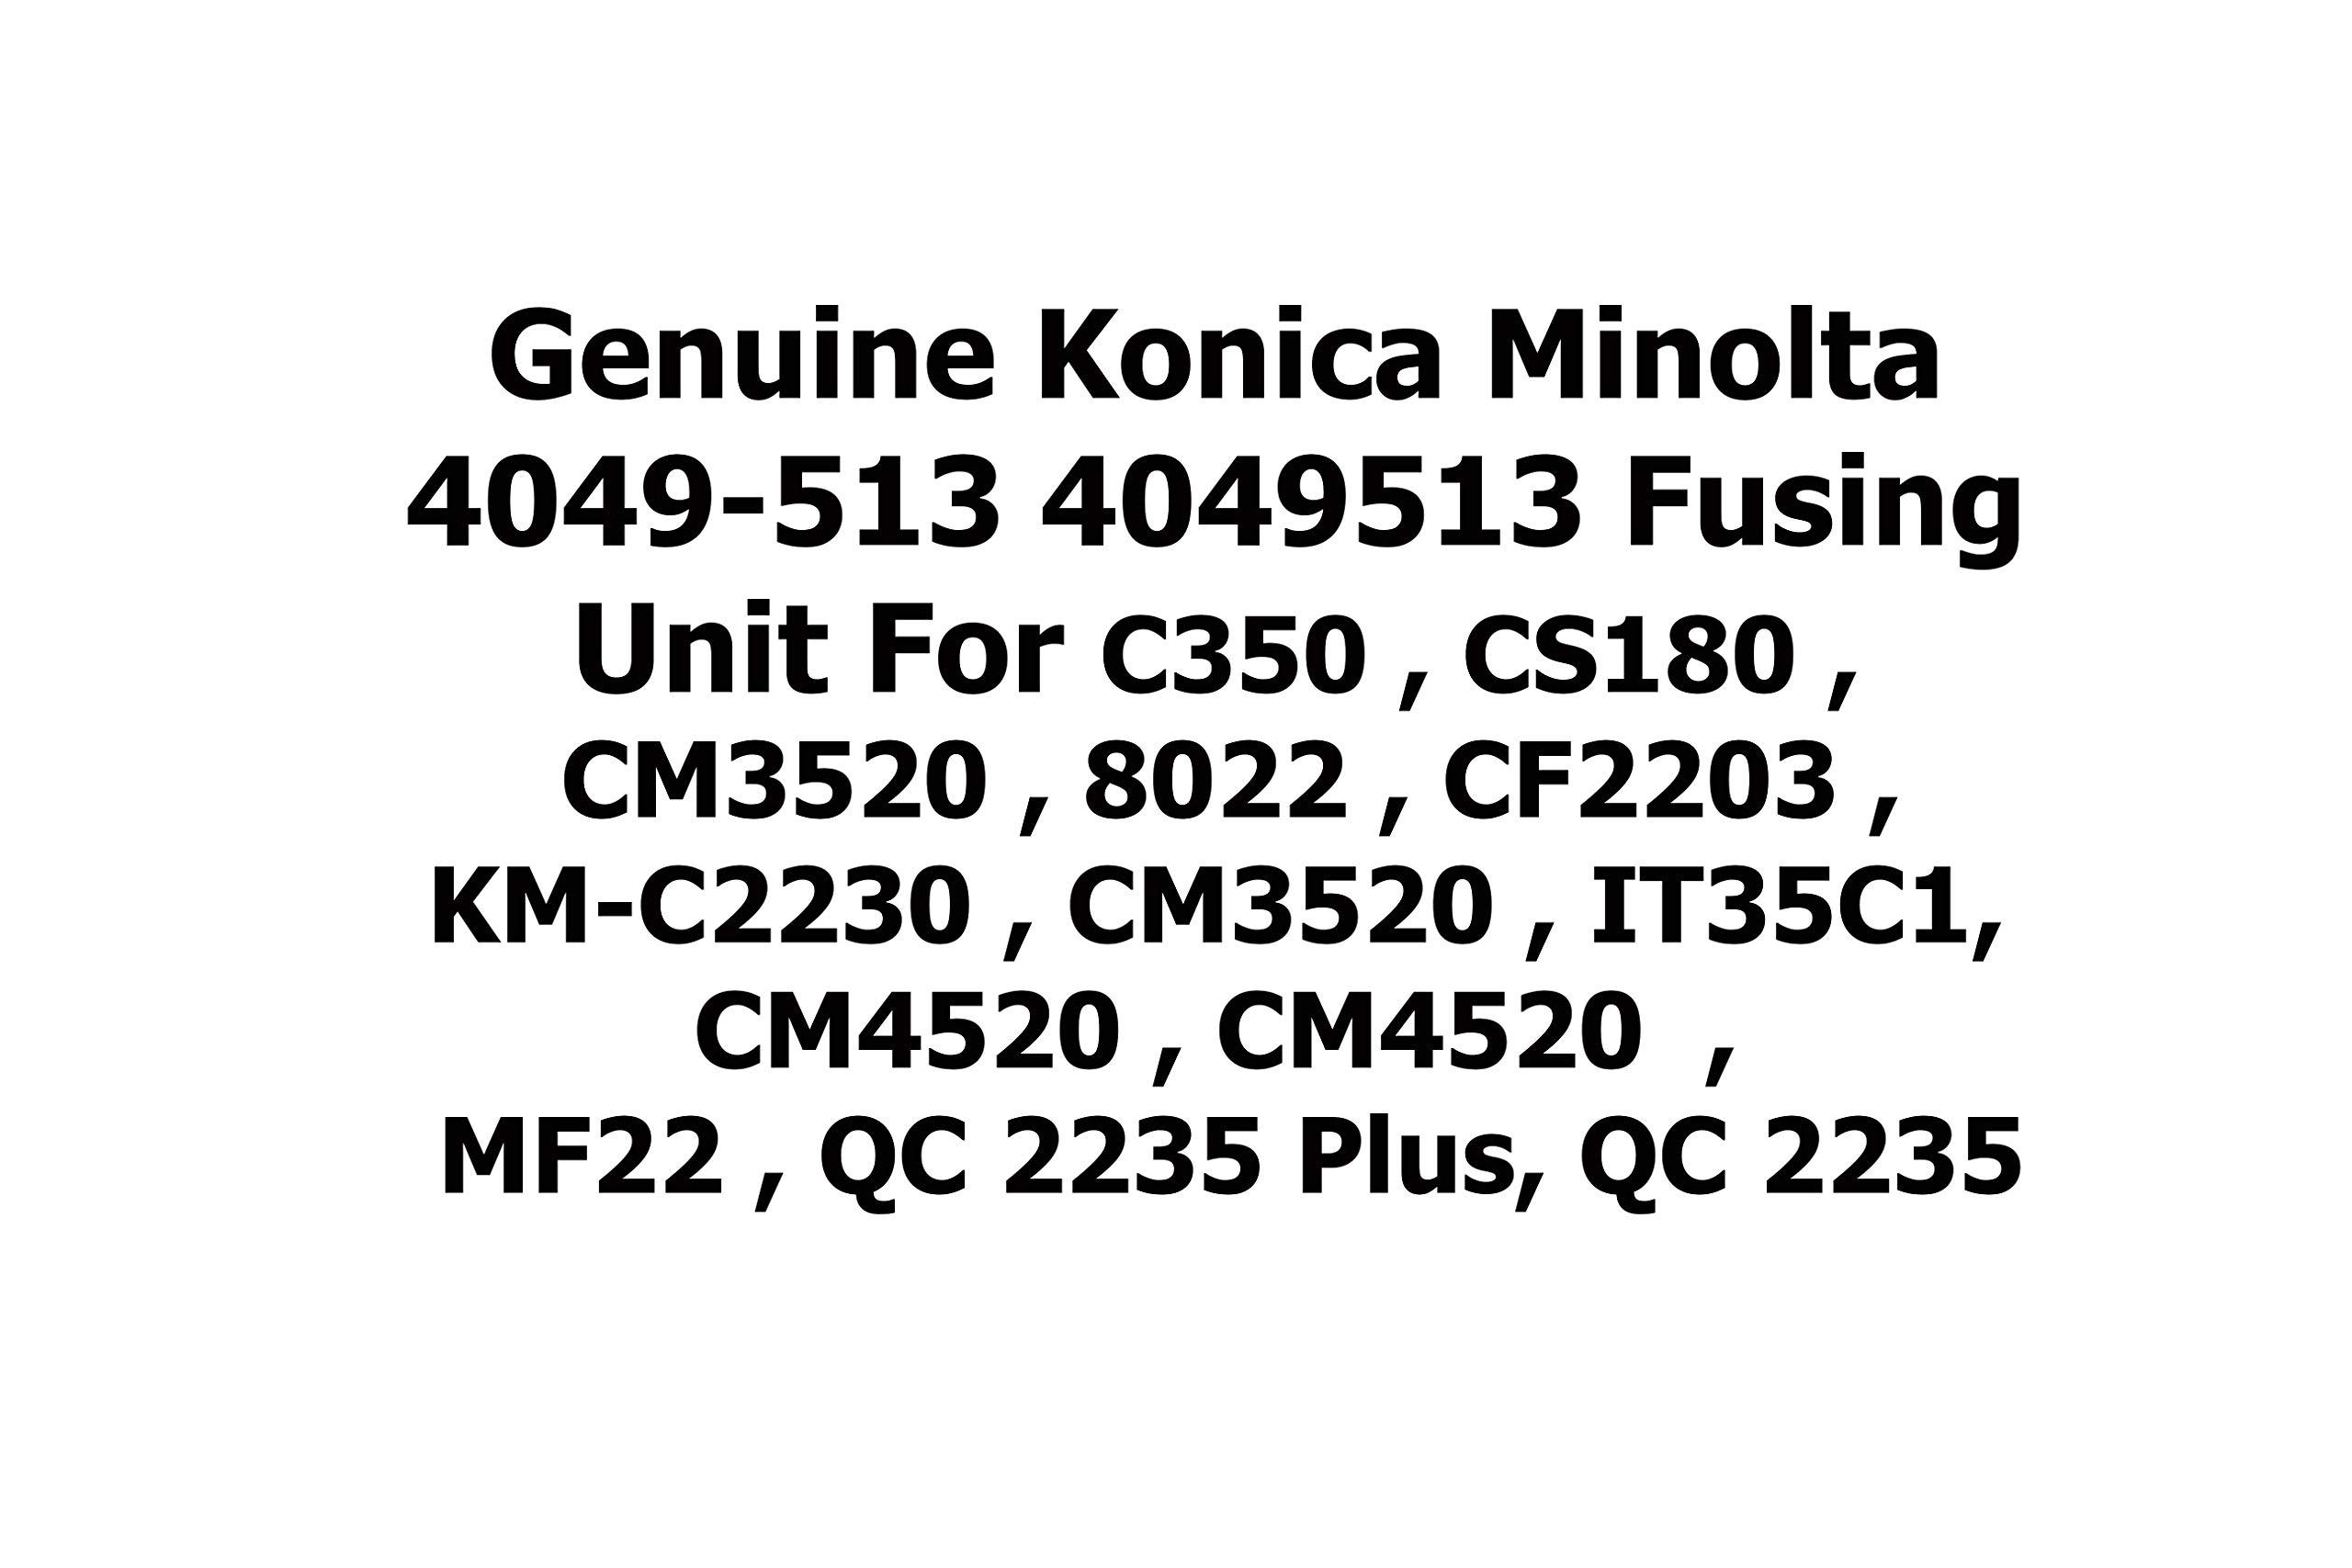 Genuine Konica Minolta 4049-513 4049513 Fusing Unit for C350